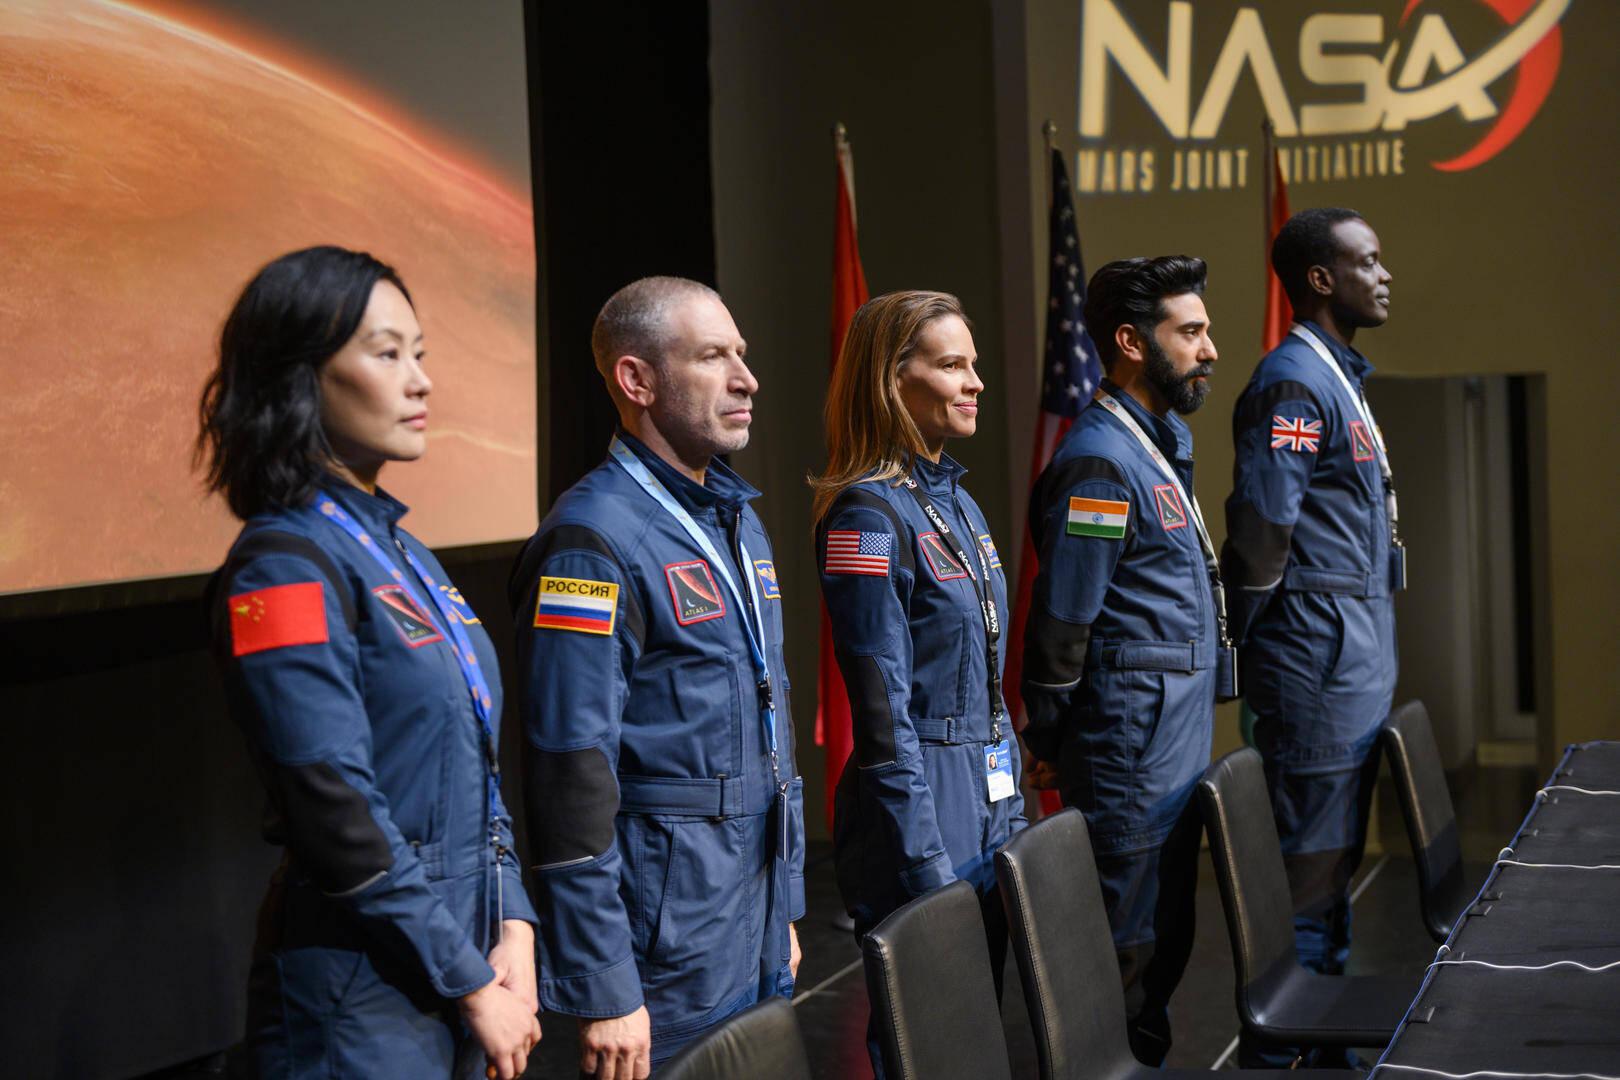 L'equipaggio dell'Atlas in rotta verso Marte